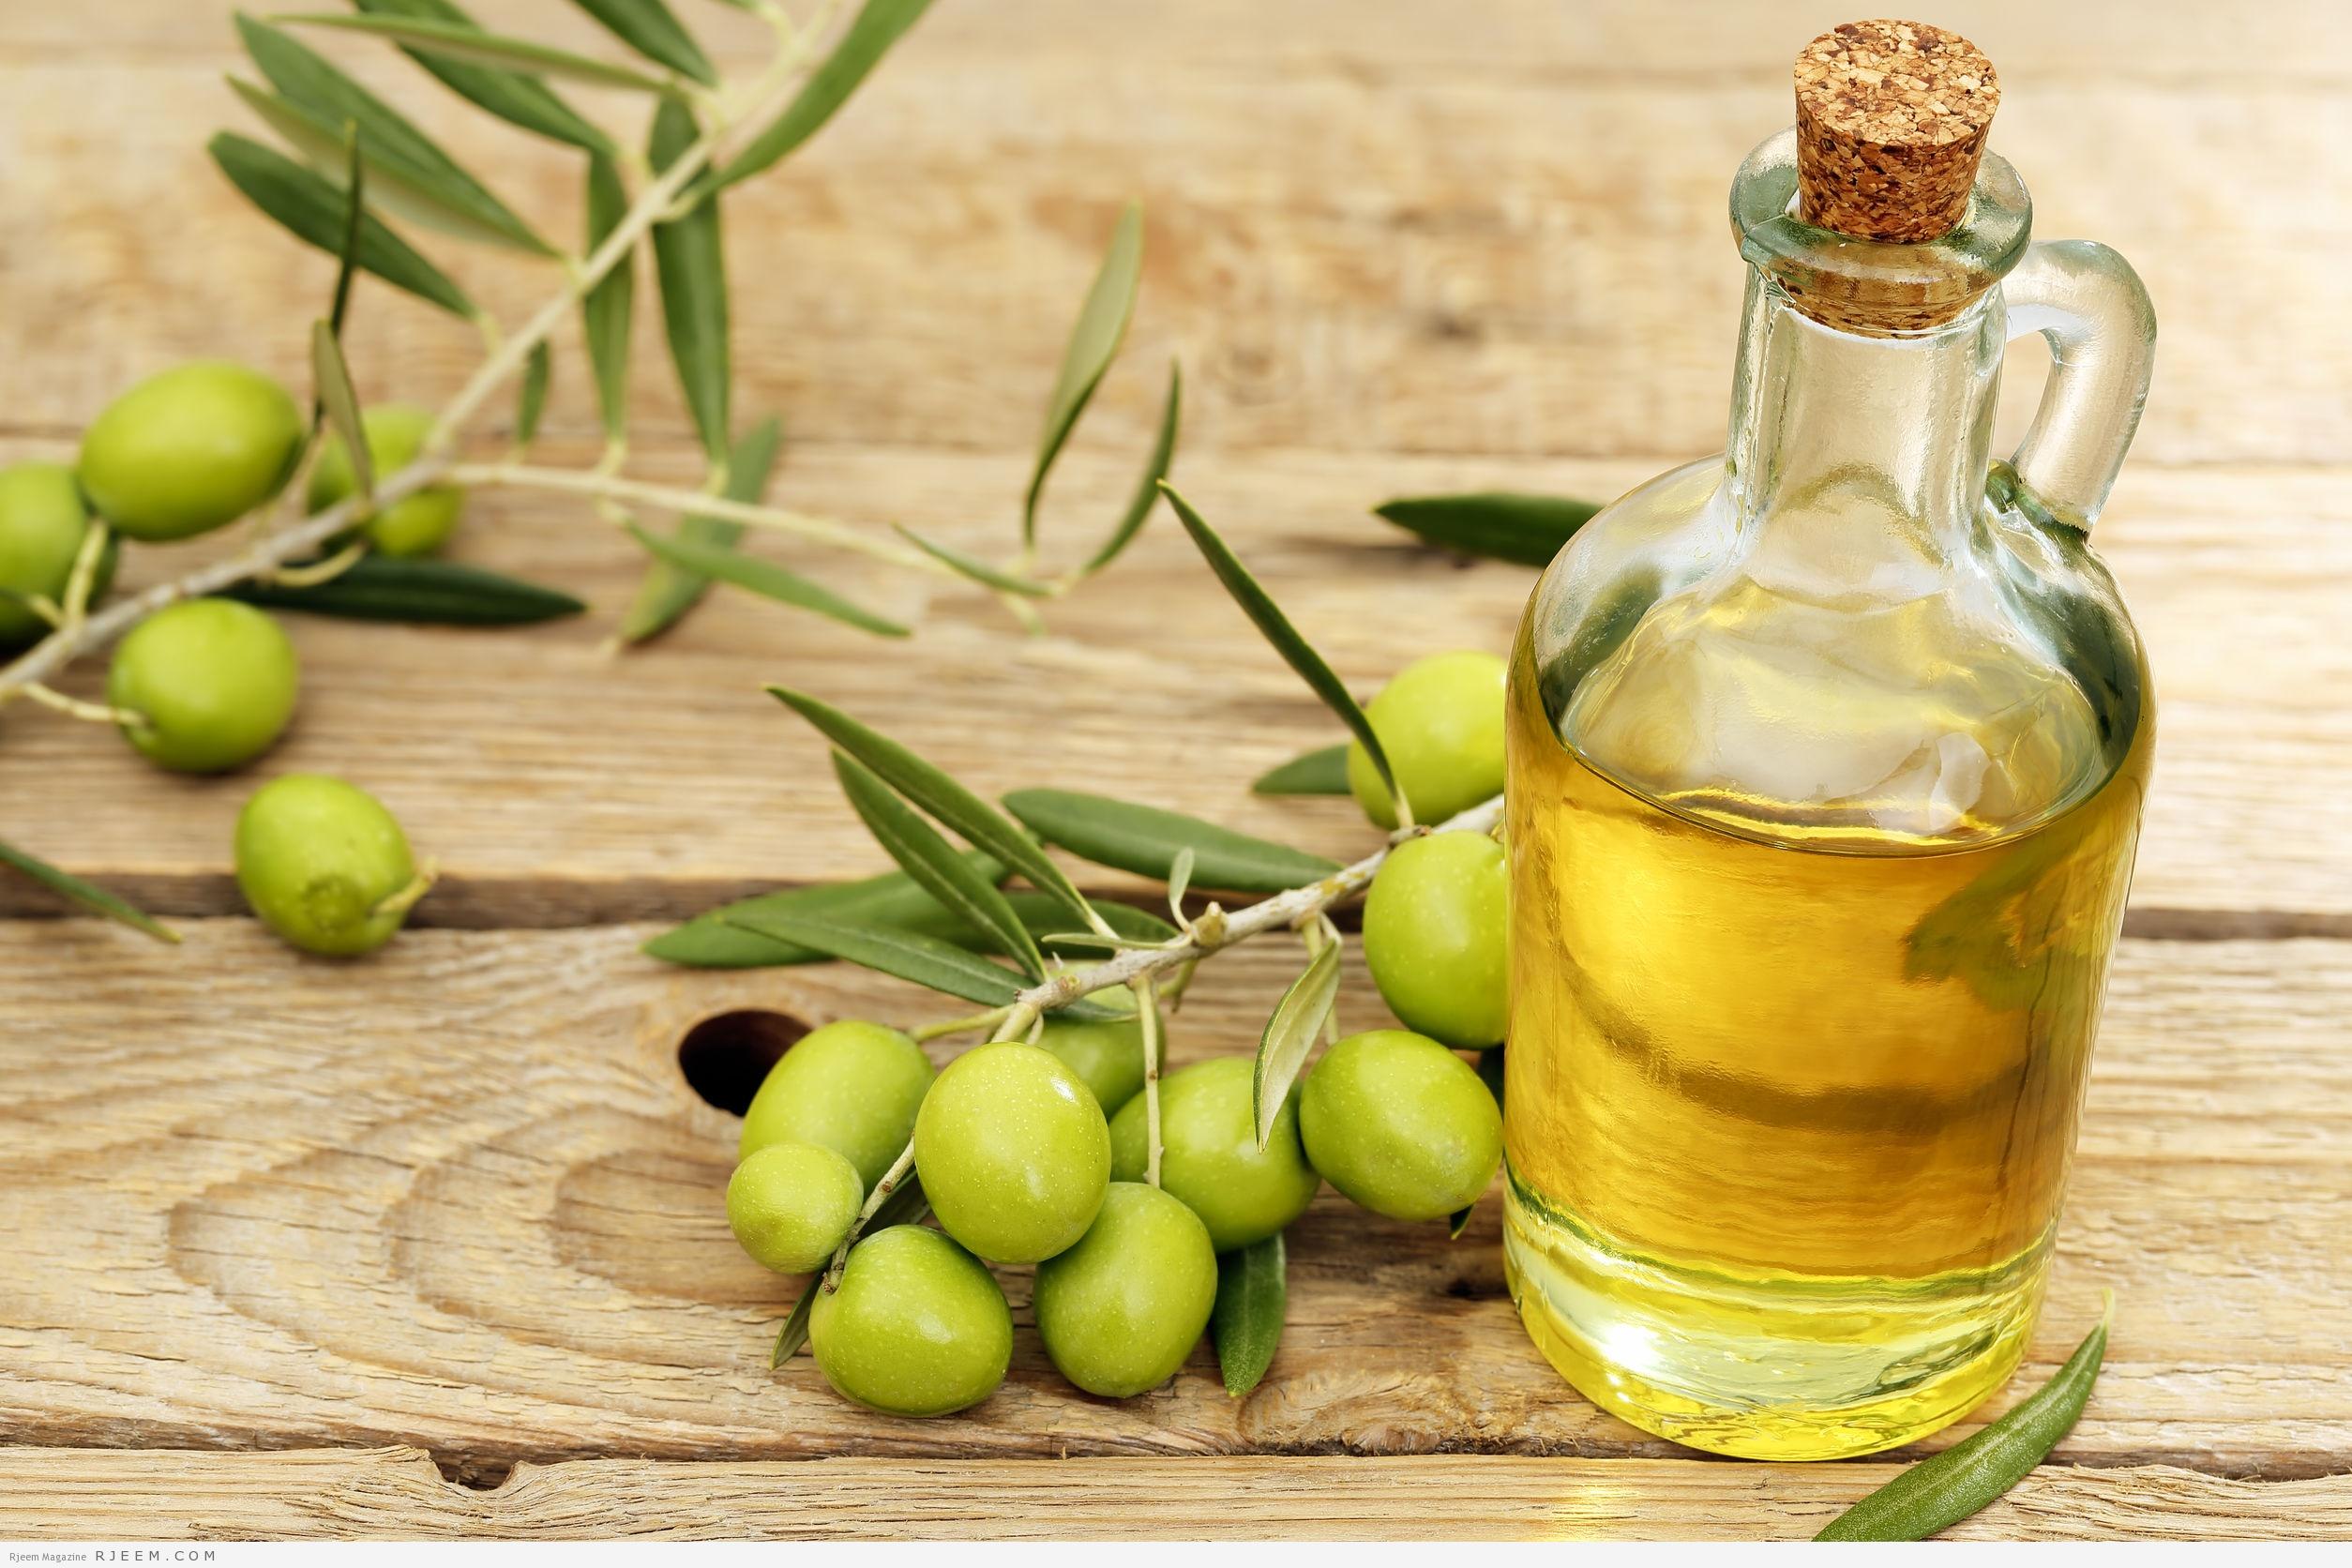 فوائد شرب زيت الزيتون مع الماء على الريق للتخلص من الكرش